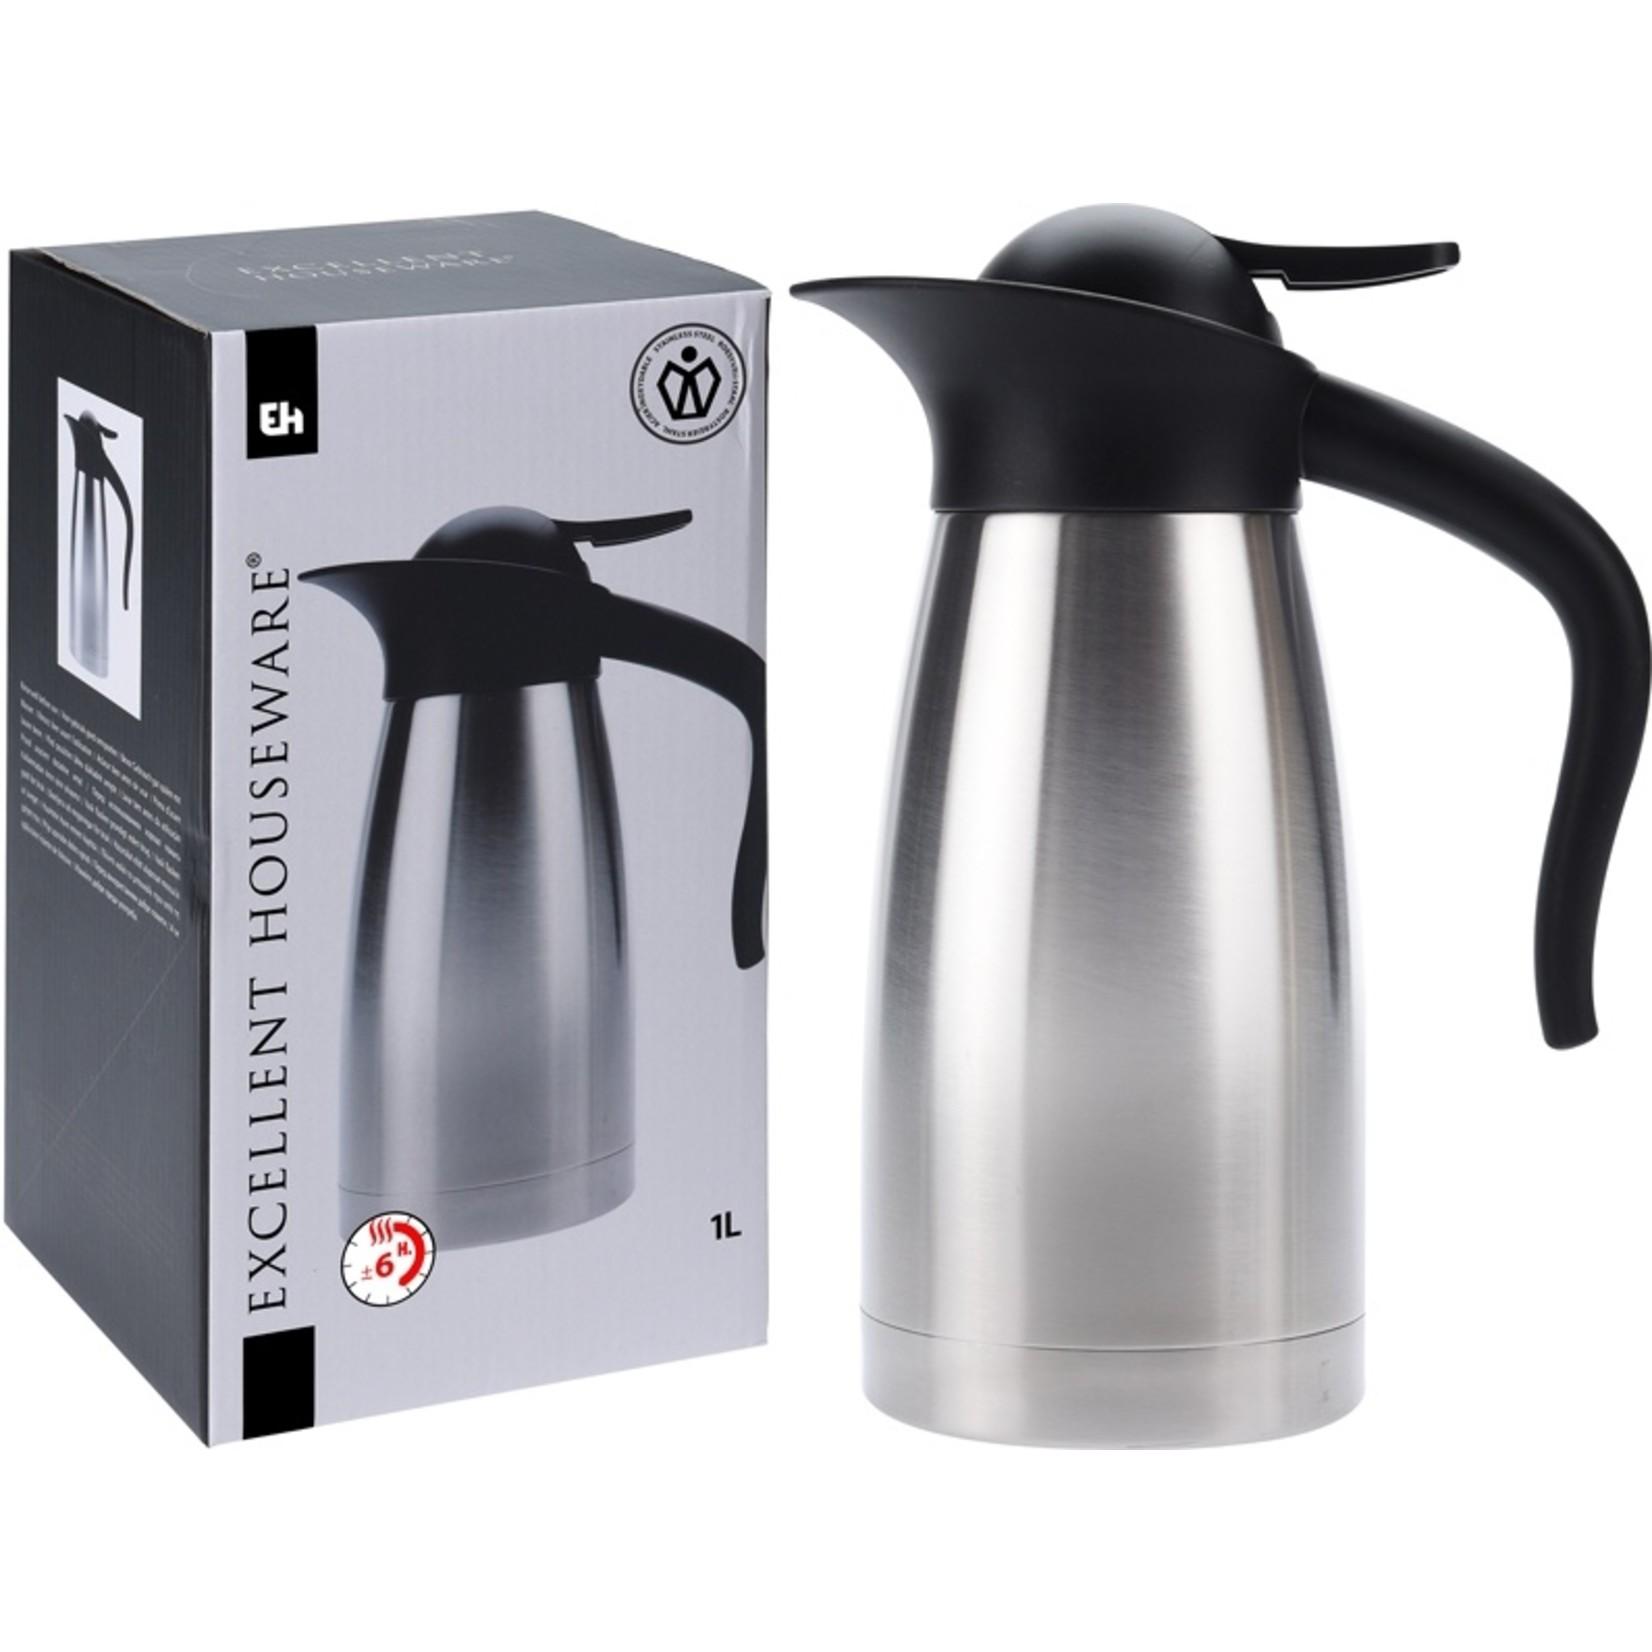 Excellent Houseware Isoleerkan RVS - 1 liter